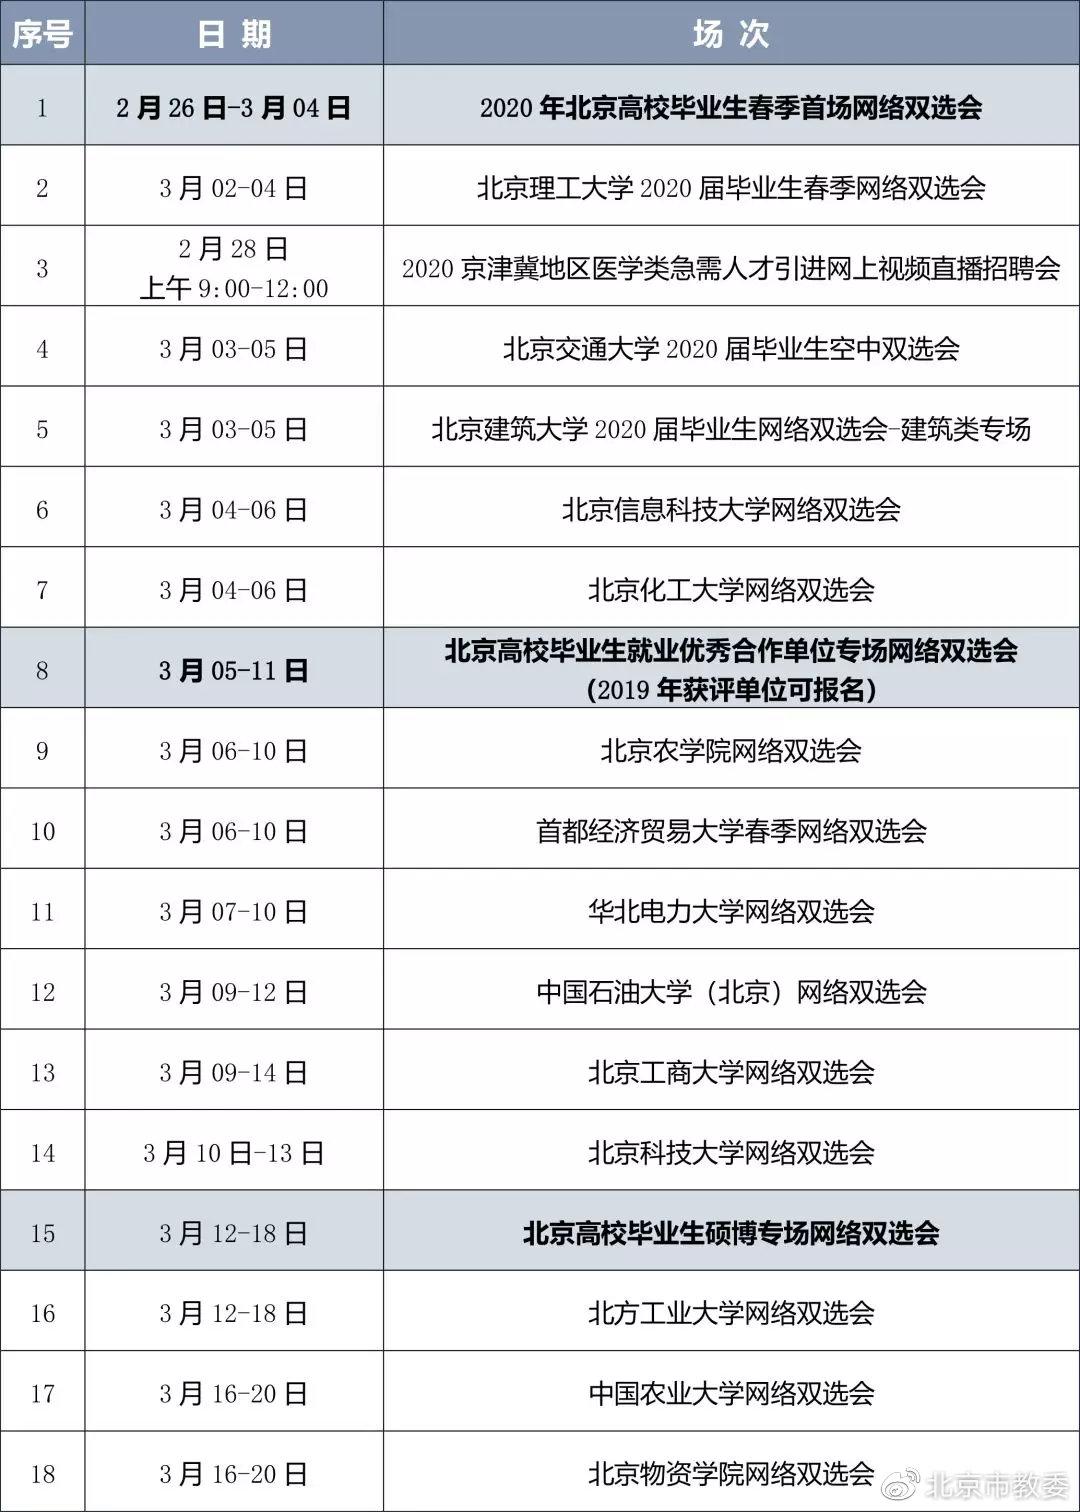 """北京毕业生就业新政 将提供针对性的""""一对一""""就业指导"""